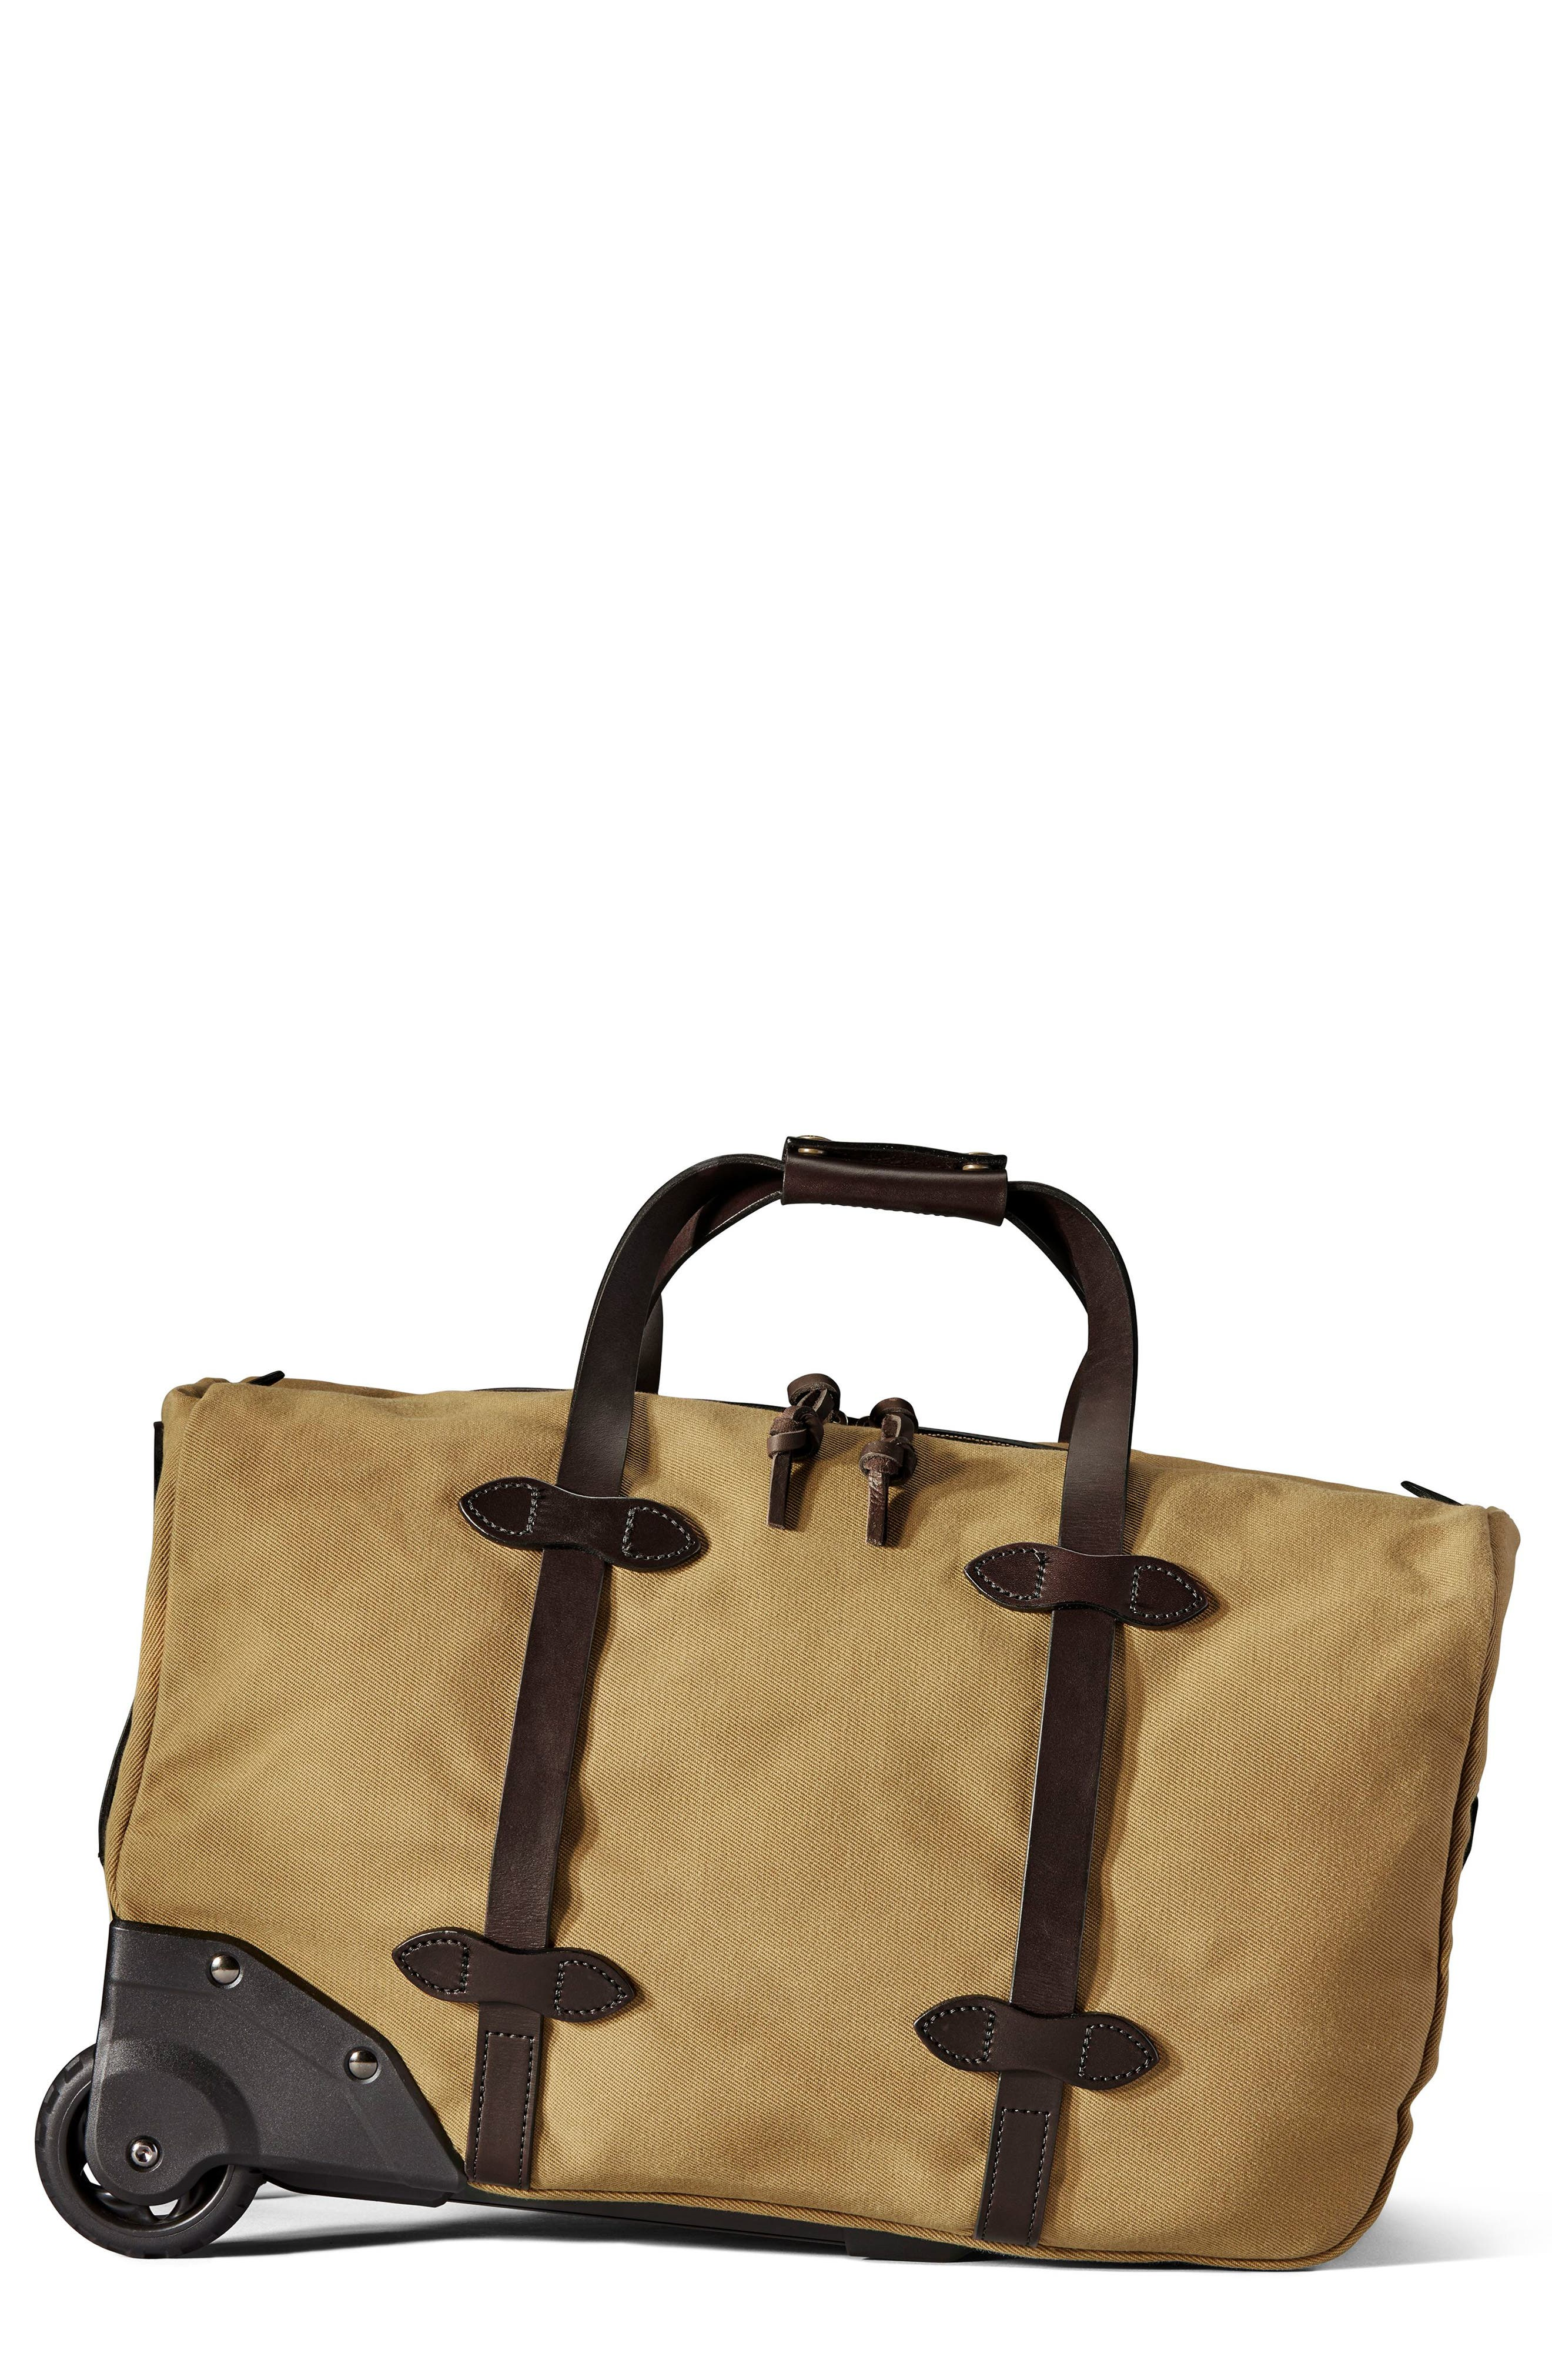 Filson Small Rolling Duffel Bag Beige In Tan